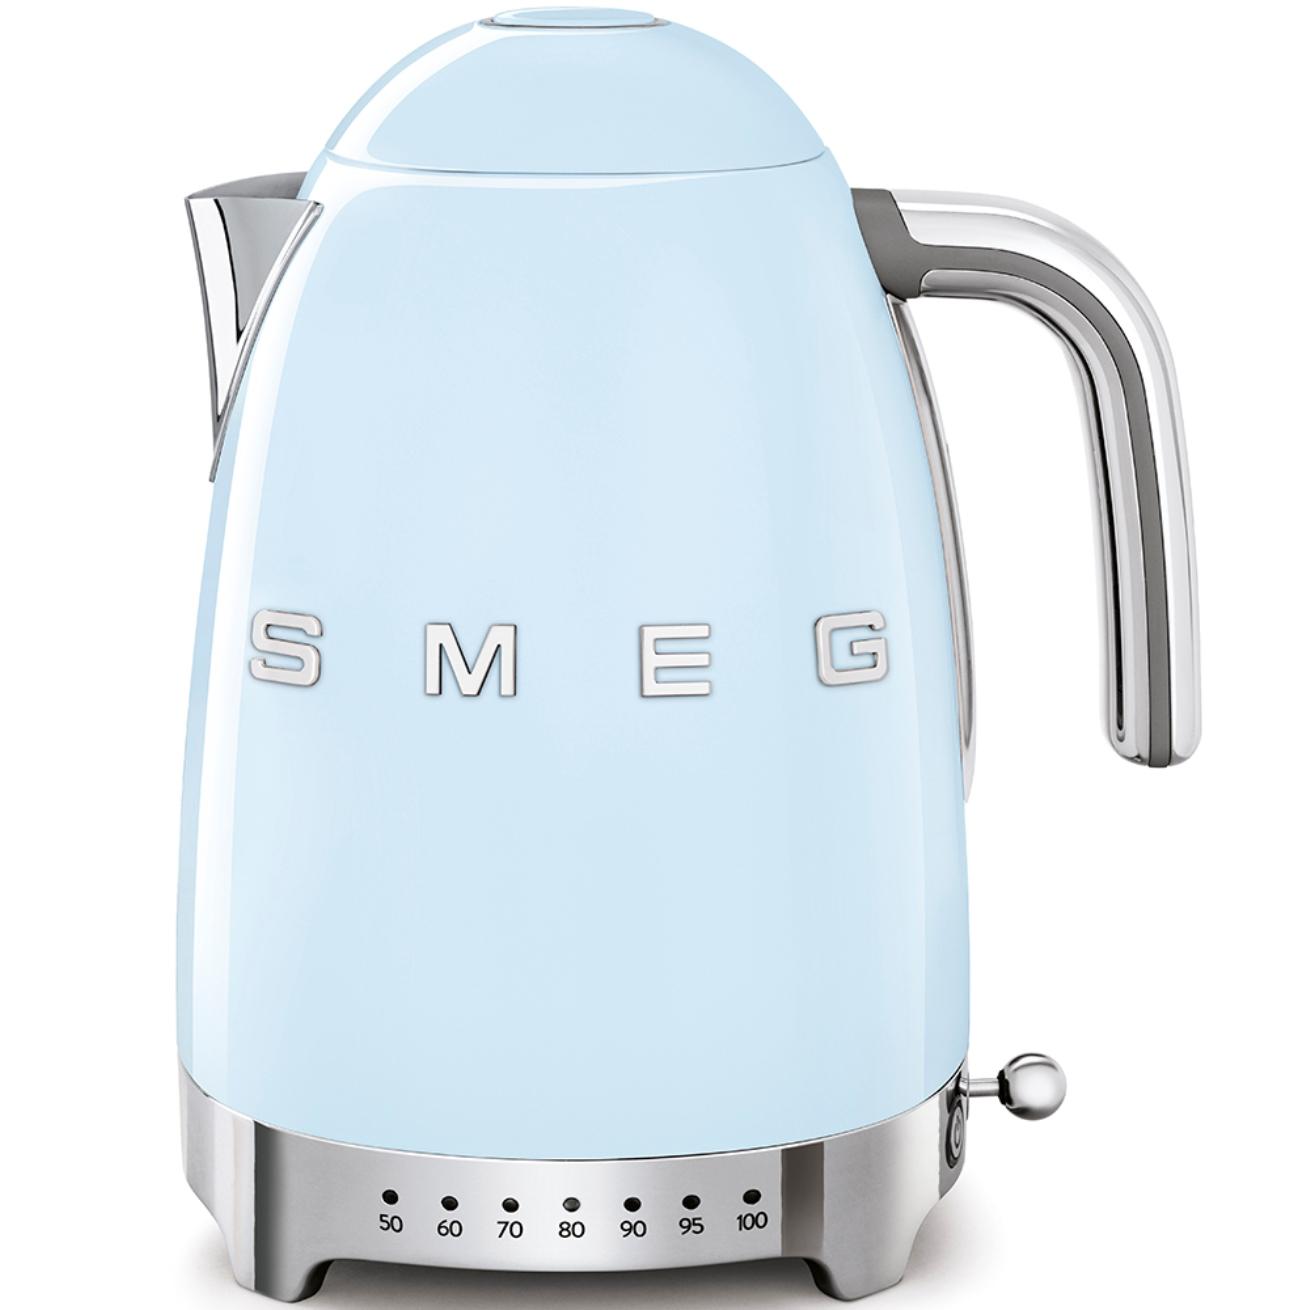 Онлайн каталог PROMENU: Чайник электрический Smeg 50 Style, объем 1,7 л, голубой                               KLF04PBEU